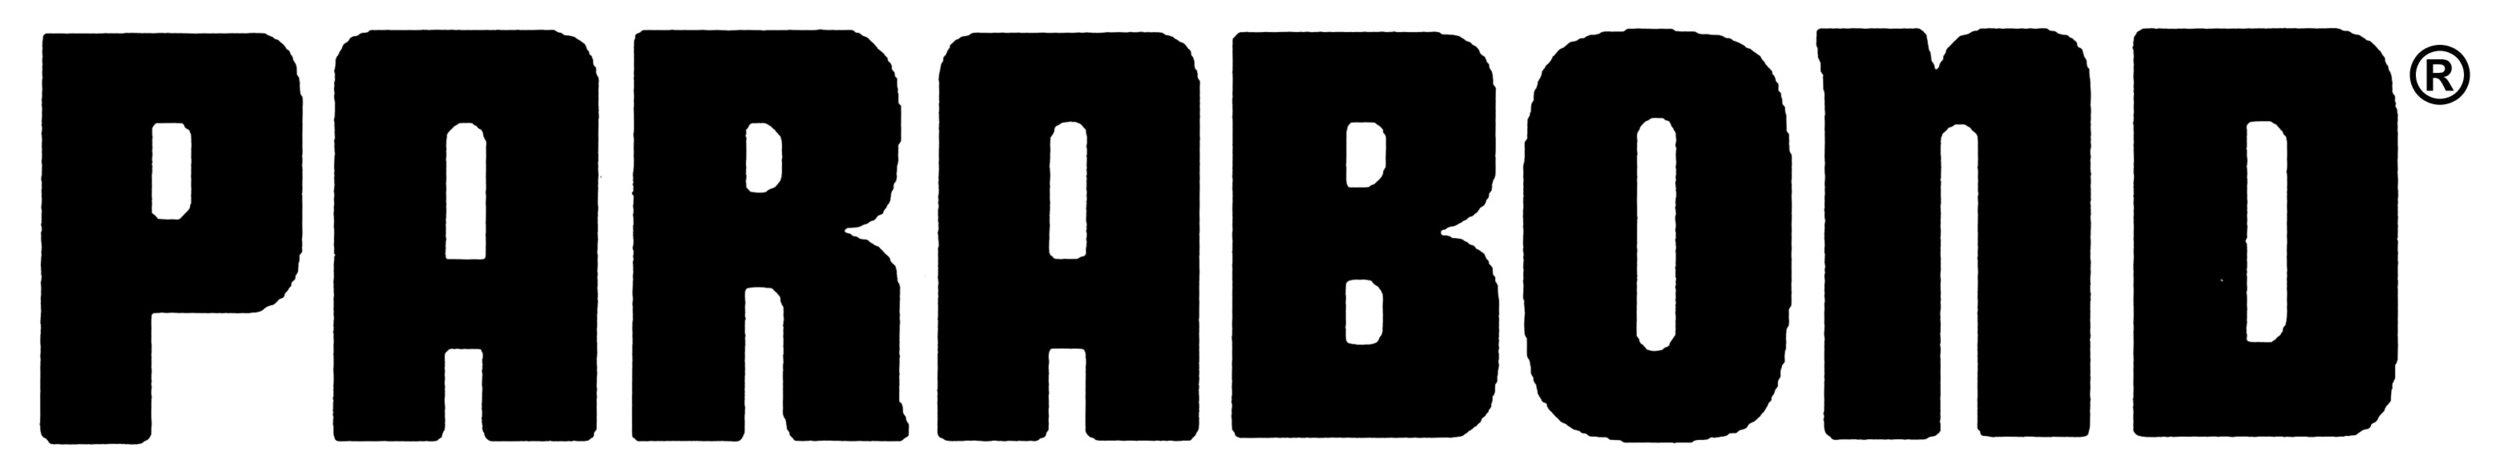 parabond-logo.jpg